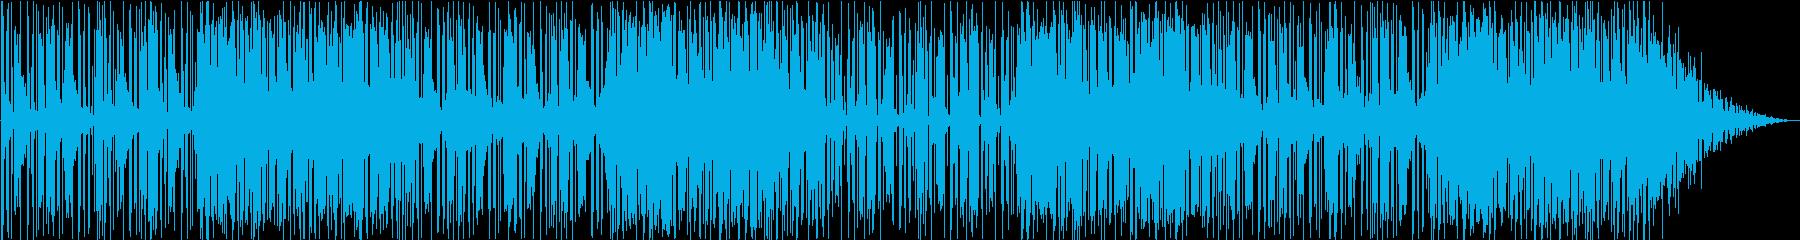 夢の中にいるような優しい雰囲気の曲の再生済みの波形